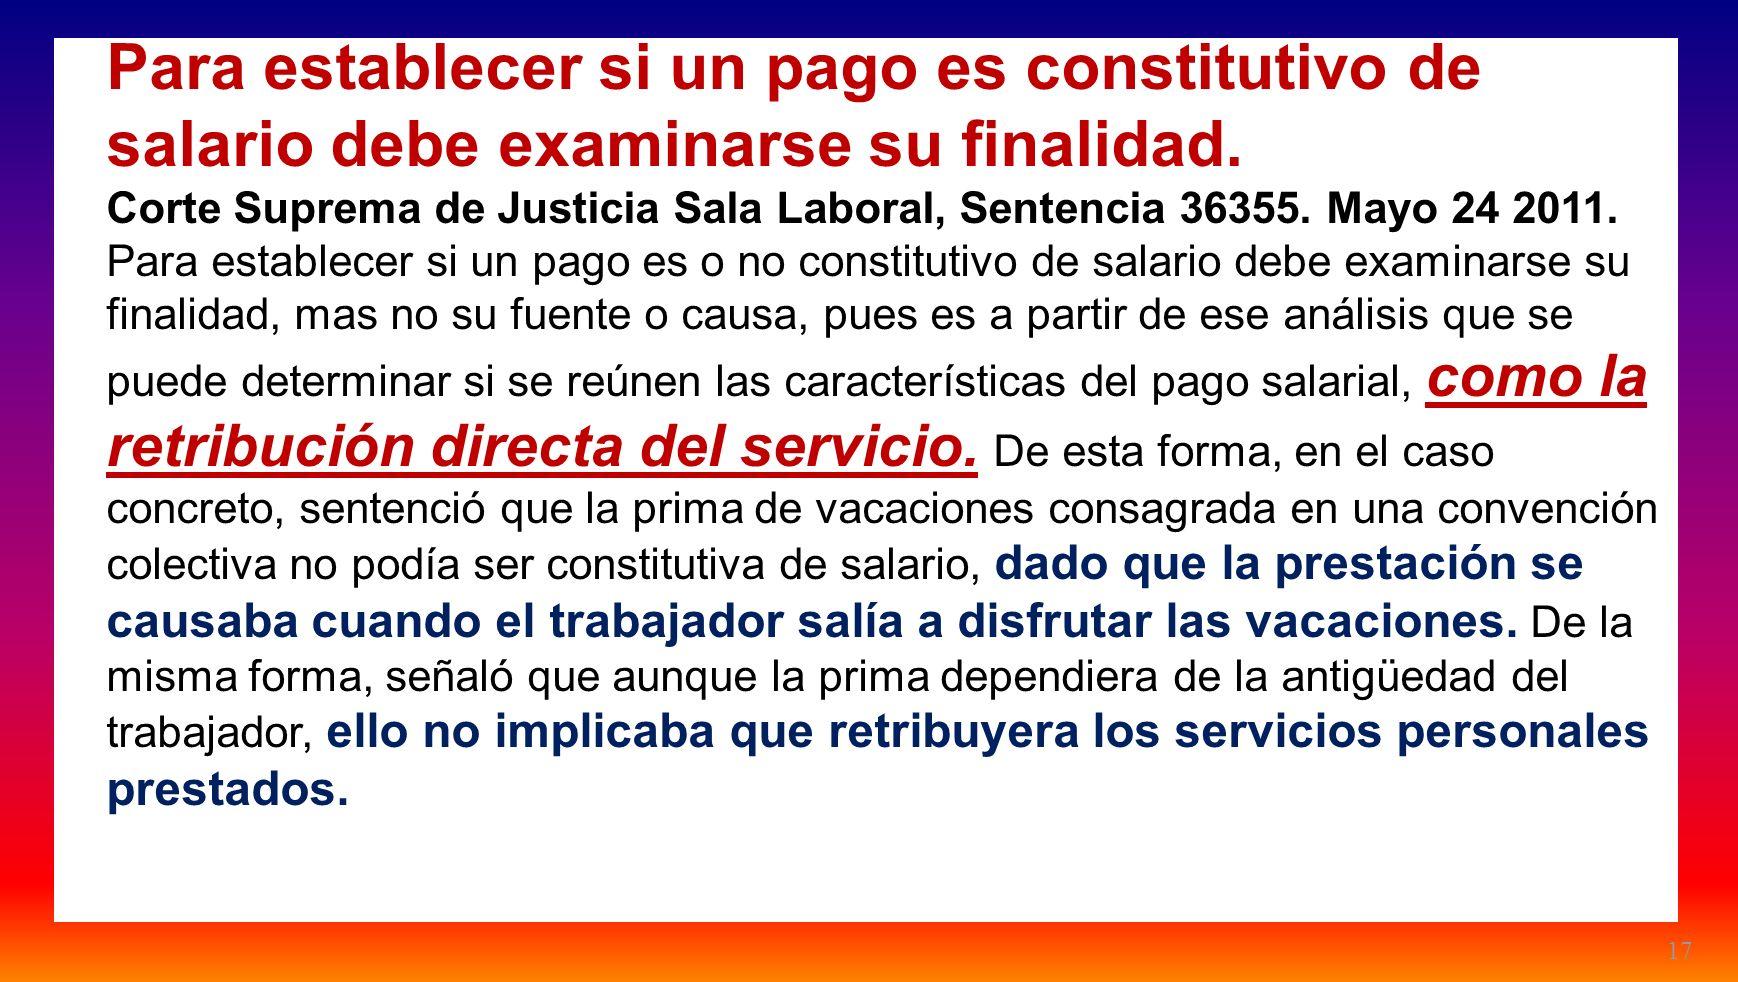 17 Para establecer si un pago es constitutivo de salario debe examinarse su finalidad. Corte Suprema de Justicia Sala Laboral, Sentencia 36355. Mayo 2